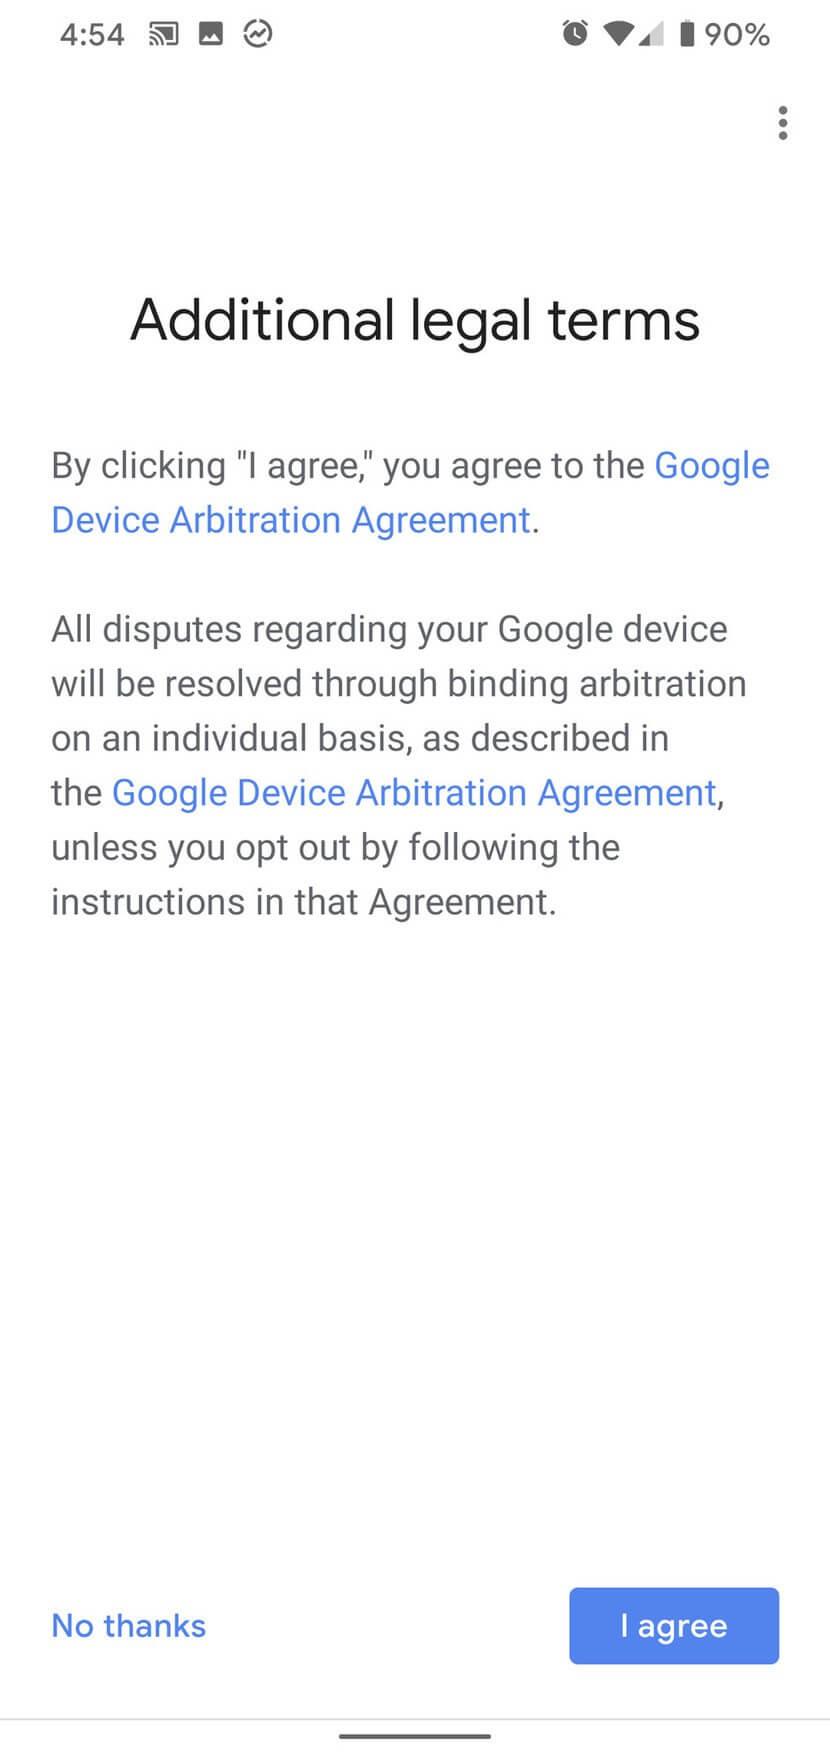 Điều khoản pháp lý khi sử dụng loa Google